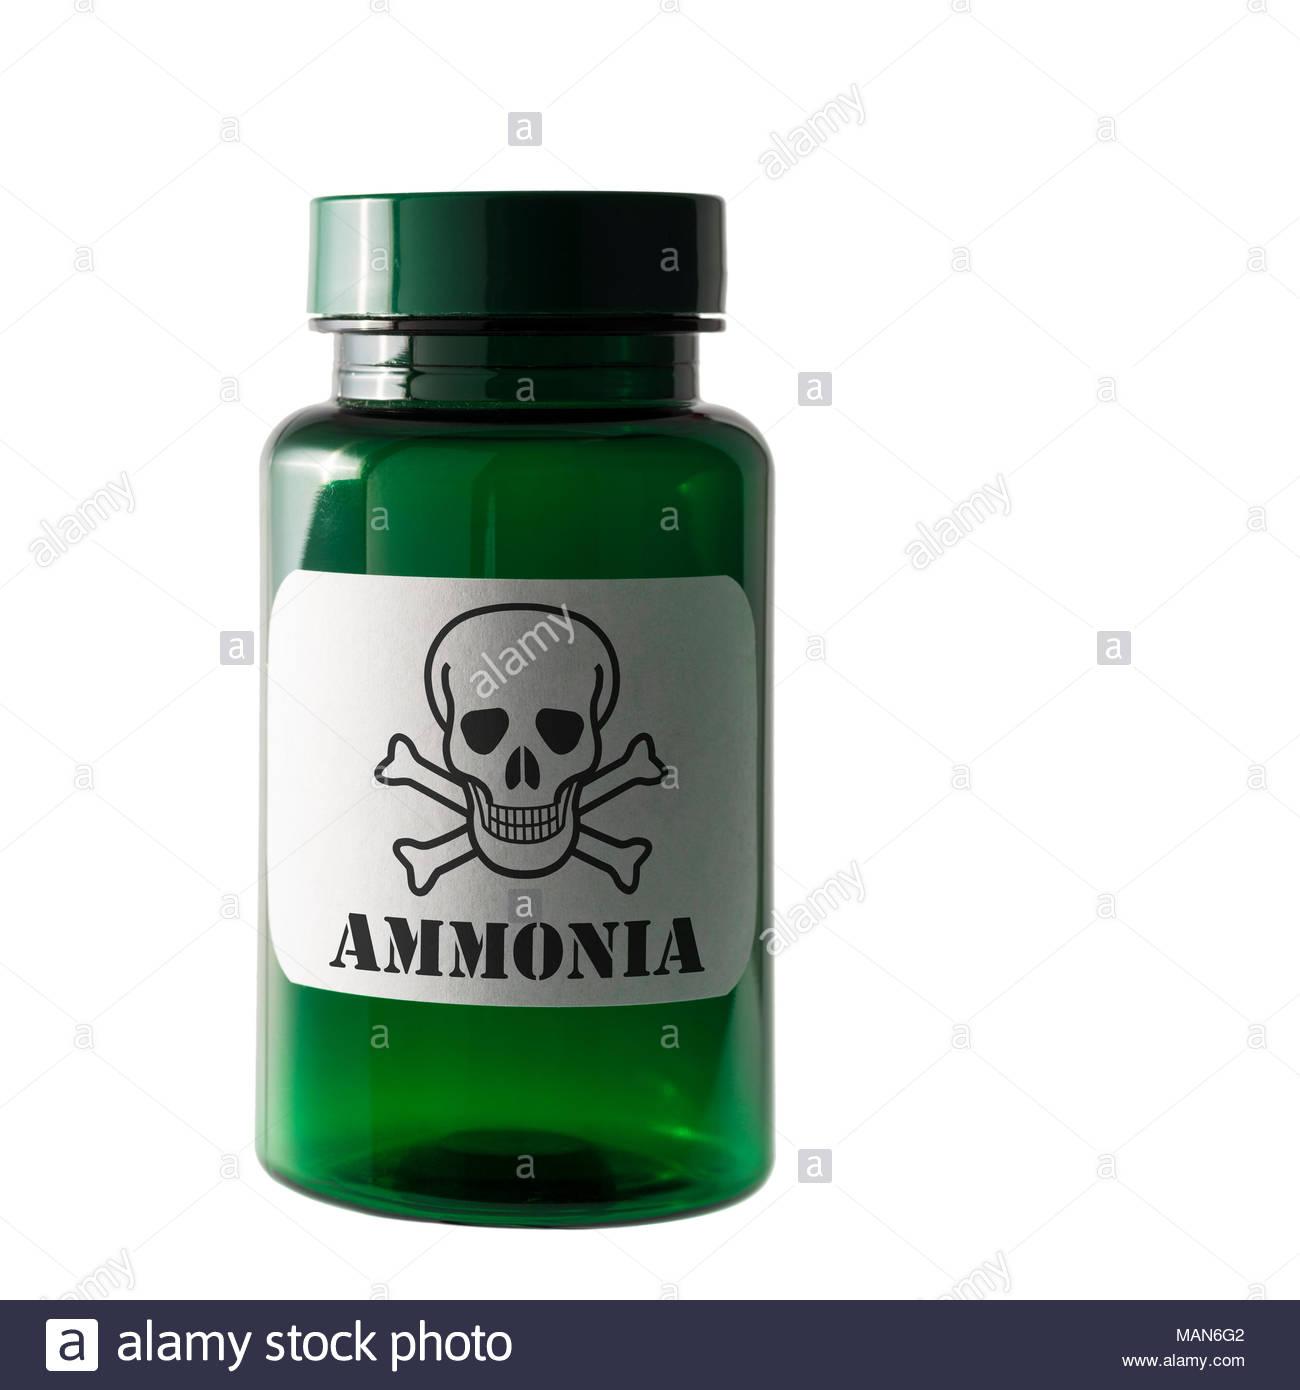 Ammonia. Dangerous substance label, Dorset, England, UK - Stock Image